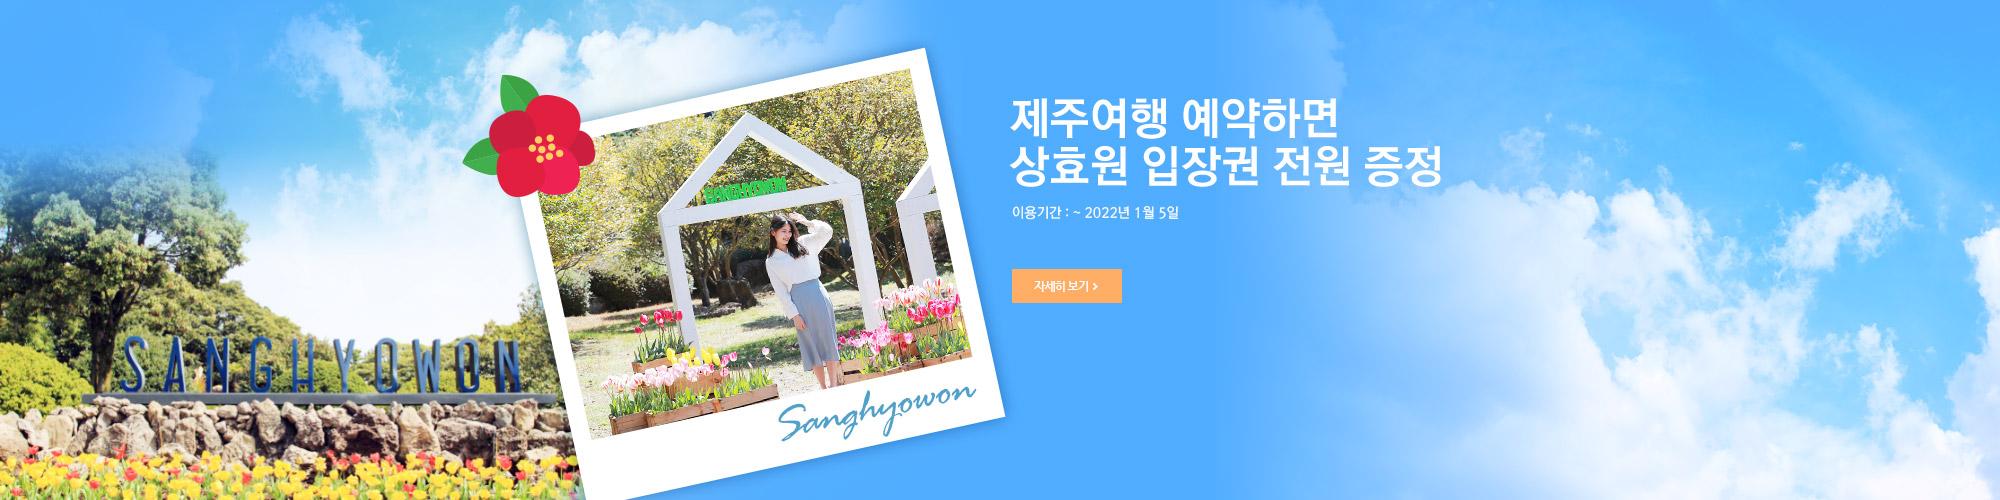 상효원 입장권 전원증정